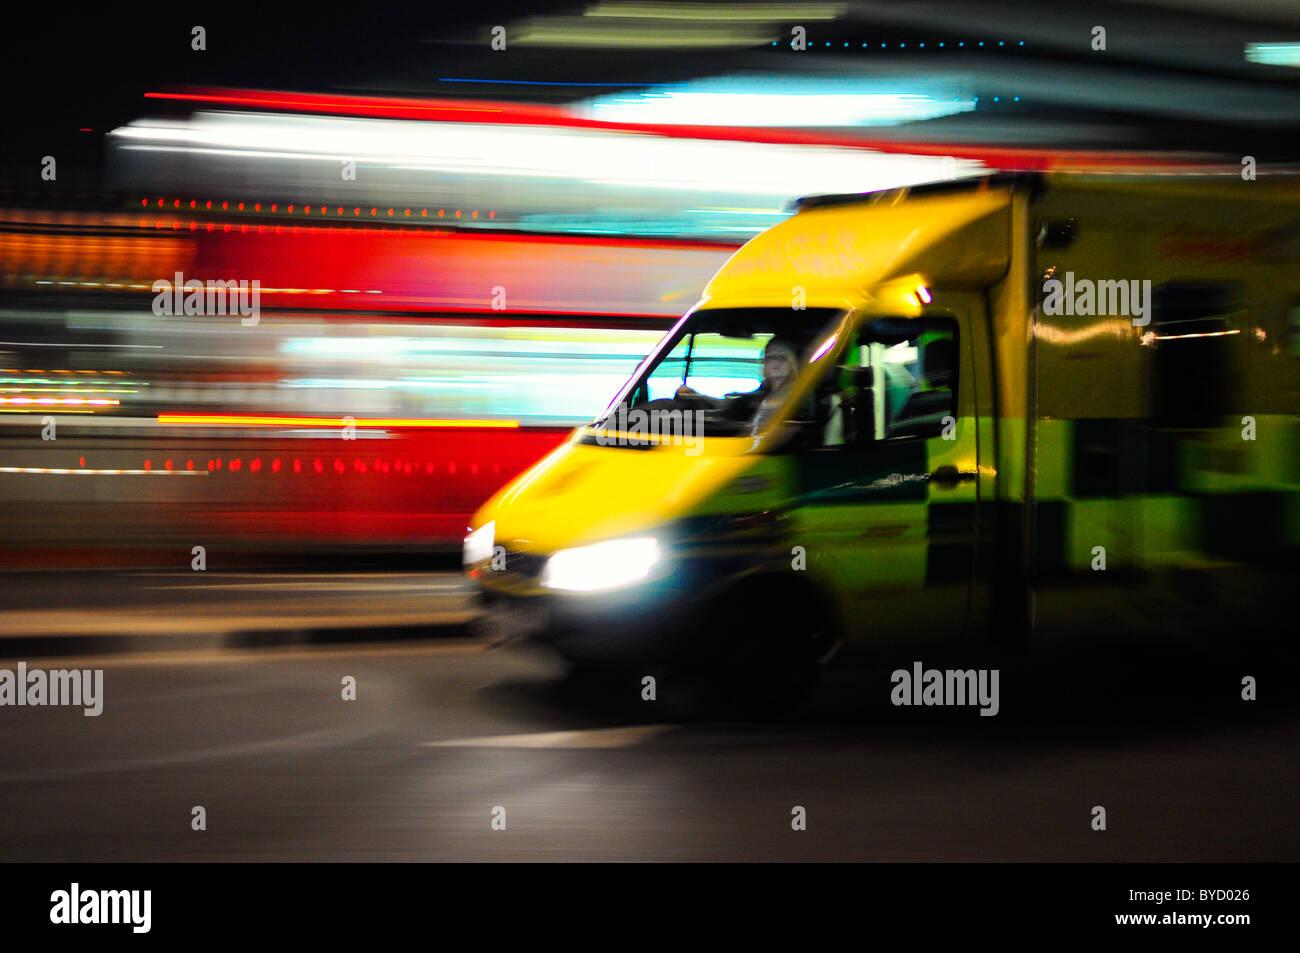 Ambulancia corriendo pasado un autobús rojo con desenfoque de movimiento Foto de stock